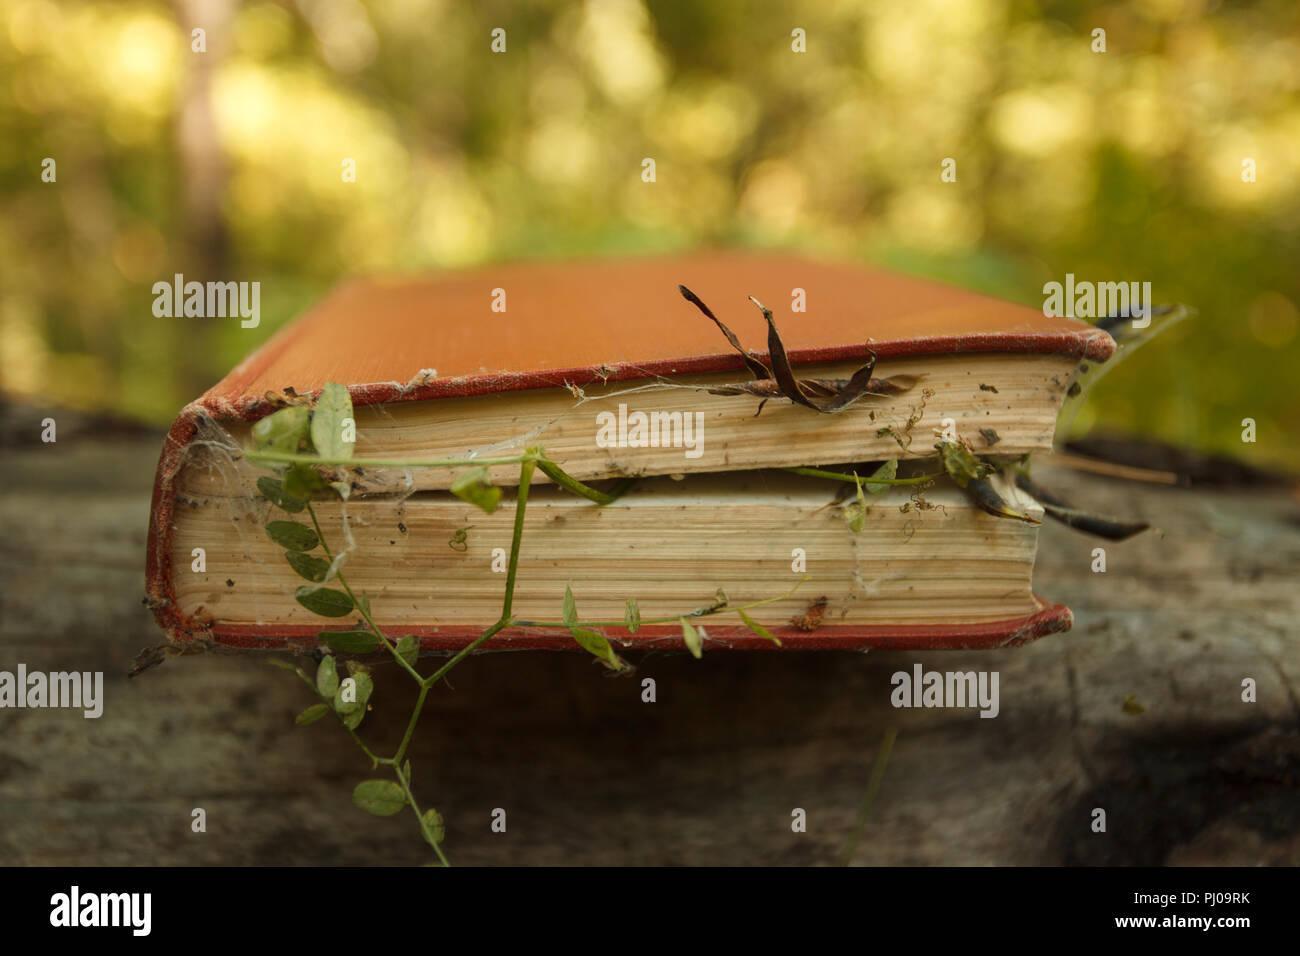 Libro hechizado con la magia de las plantas y de tela de araña, el concepto de misterio y espiritual Imagen De Stock